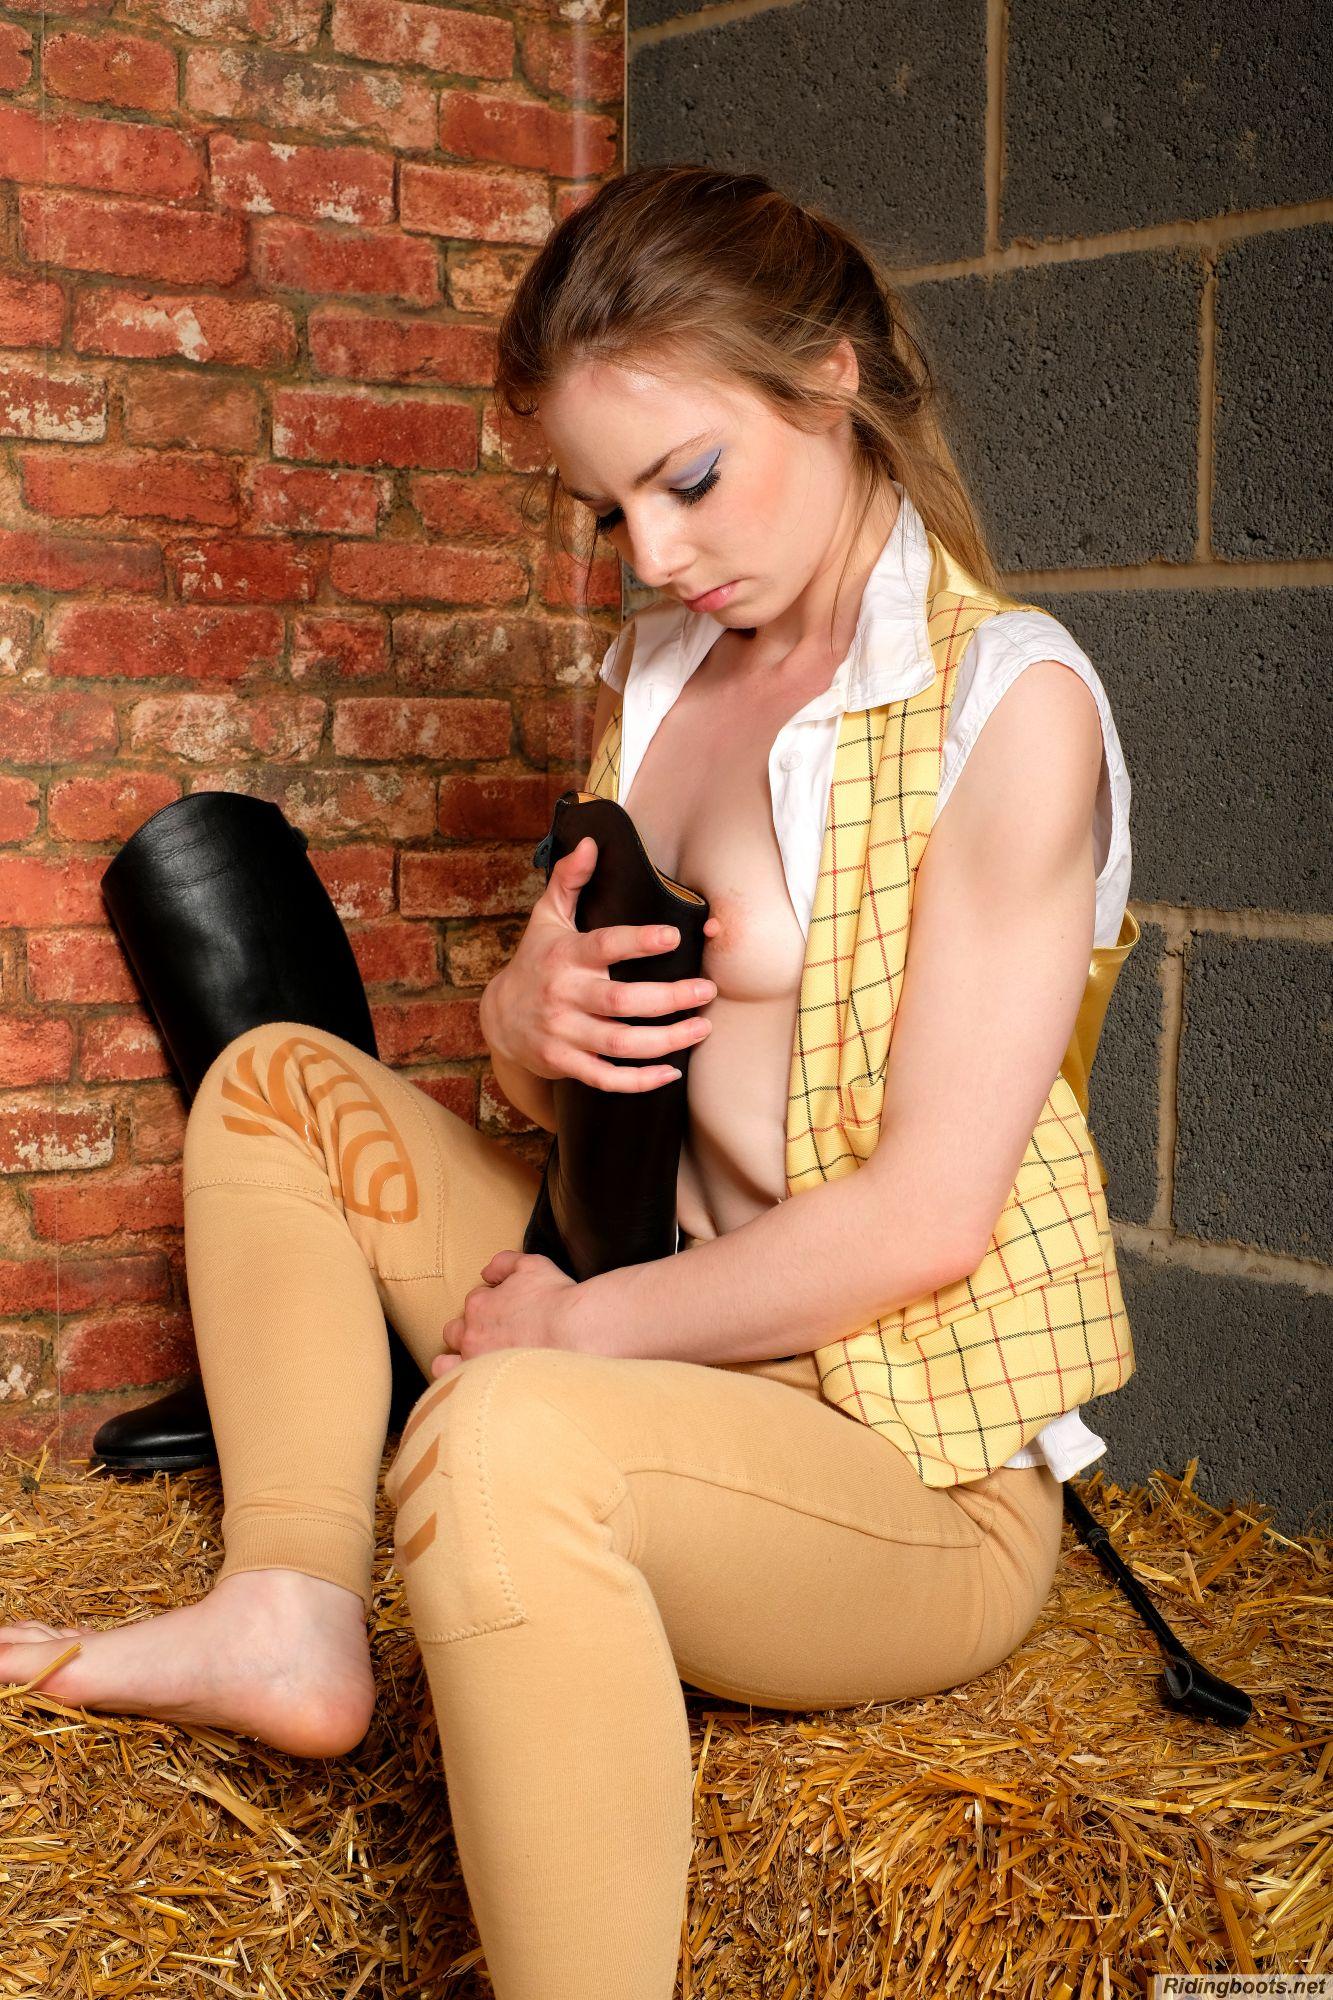 Alicia in ridingboots.